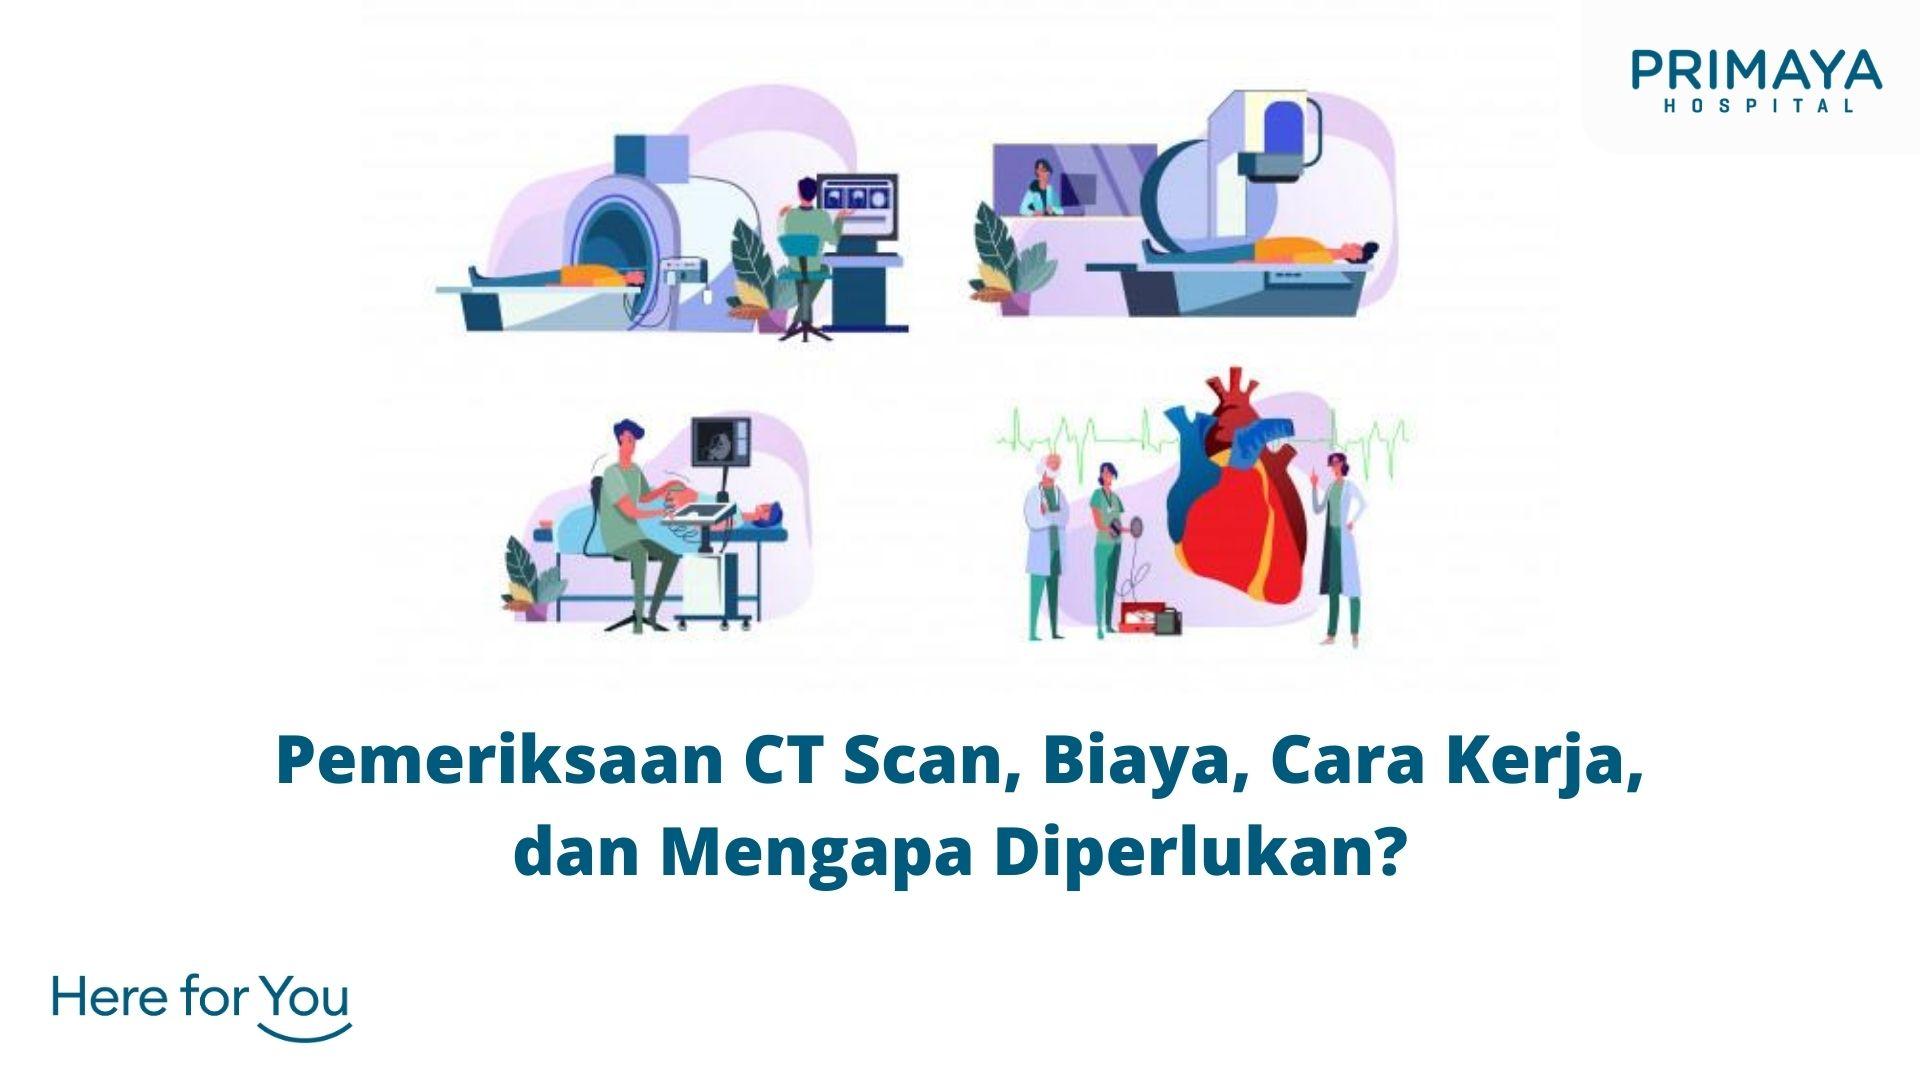 Pemeriksaan CT Scan, Biaya, Cara Kerja, dan Mengapa Diperlukan_